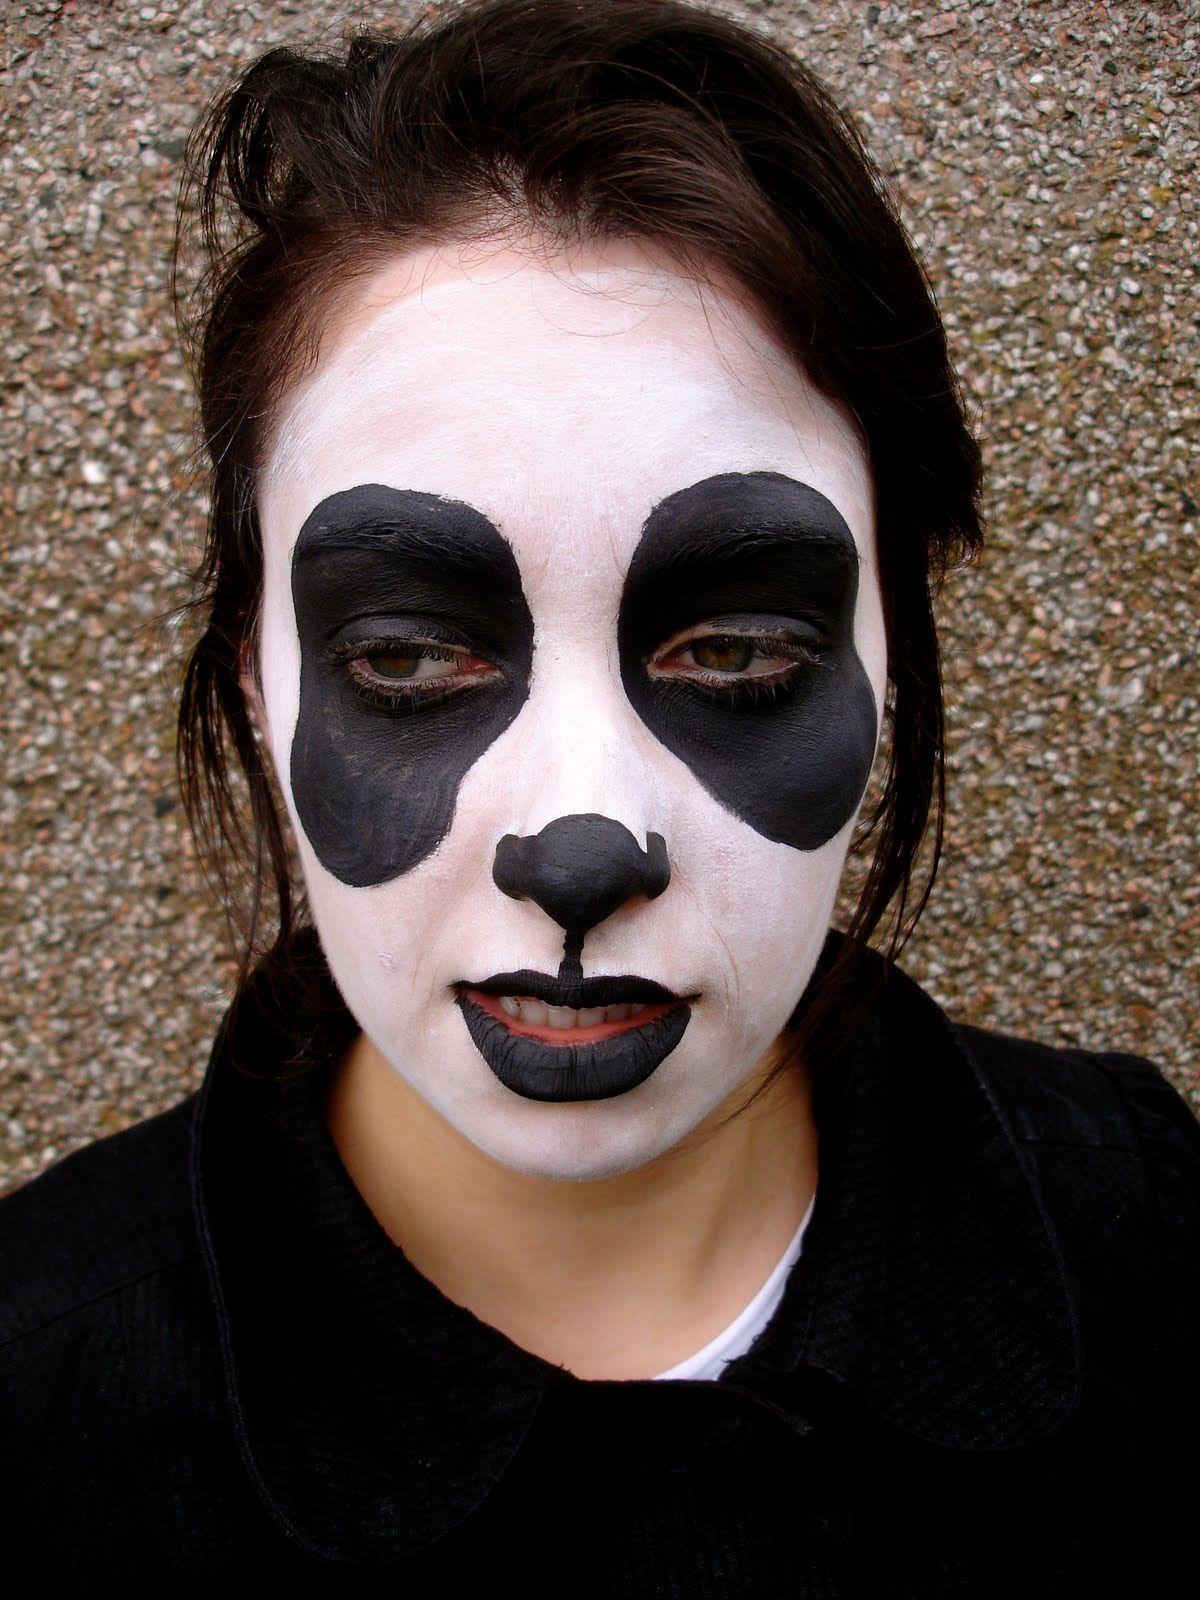 panda face paint halloween makeup pinterest theater makeup pinterest halloween makeup. Black Bedroom Furniture Sets. Home Design Ideas